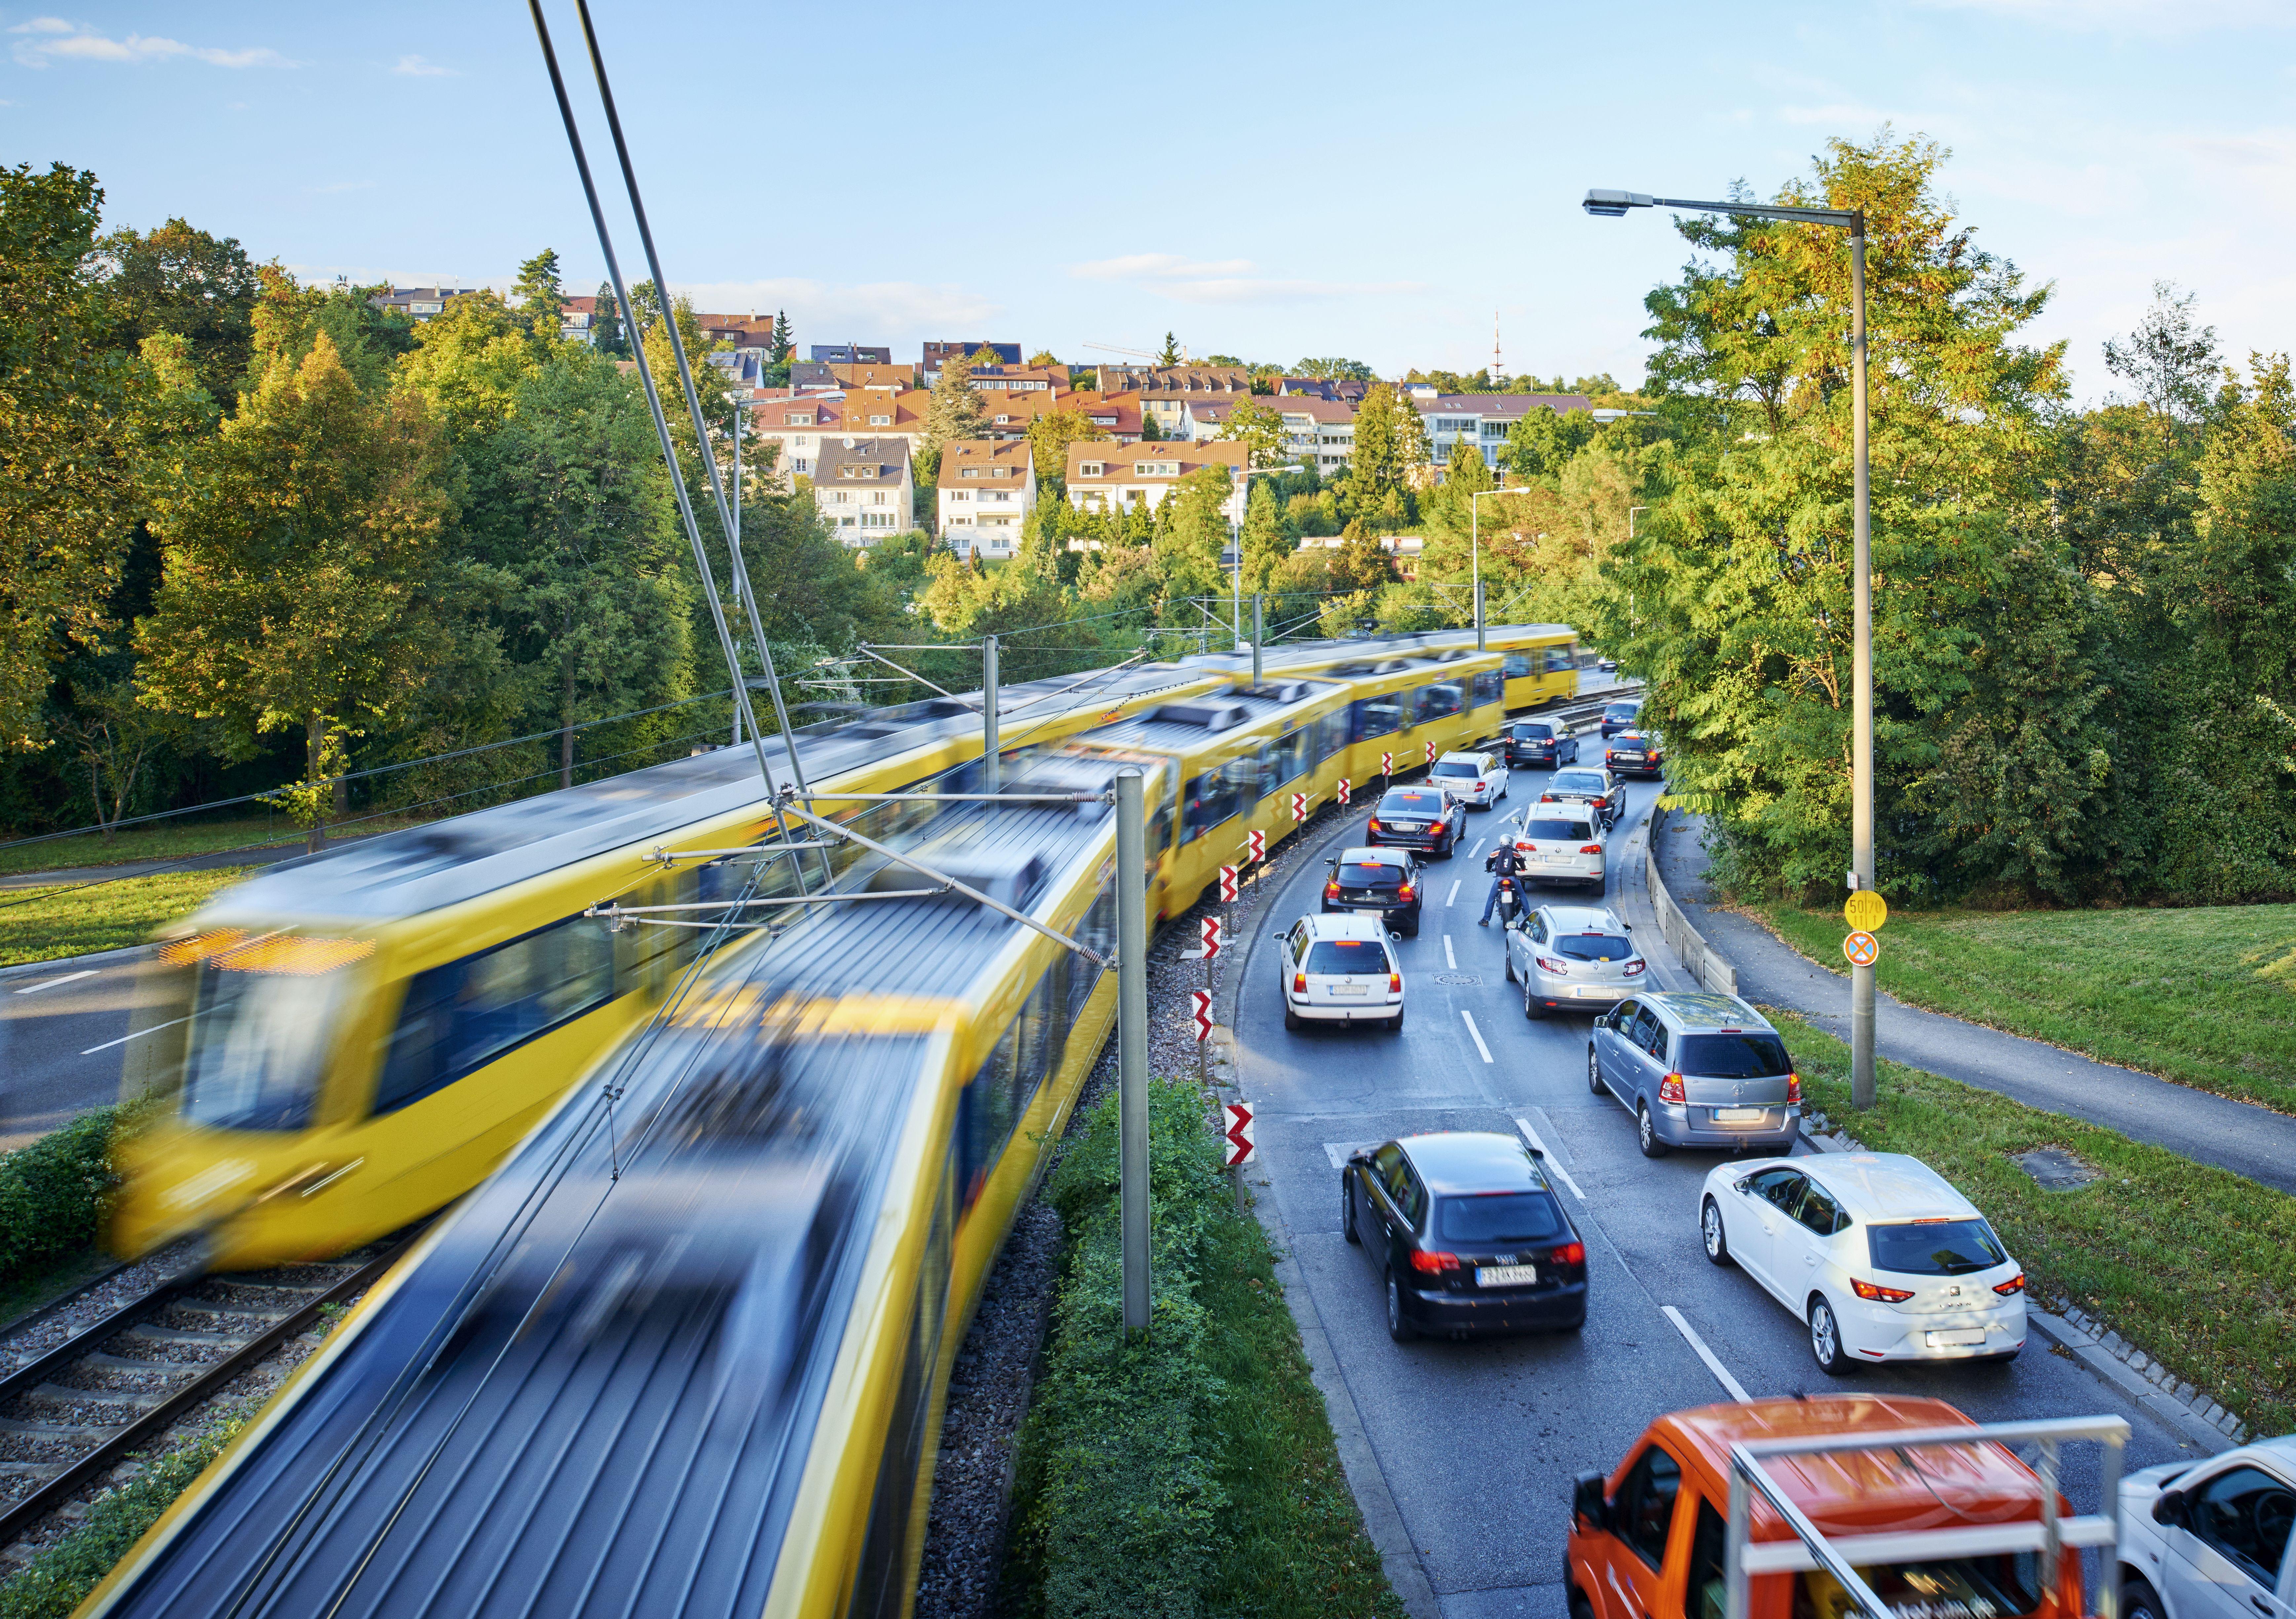 Automobilbranche: Strukturwandel gestalten